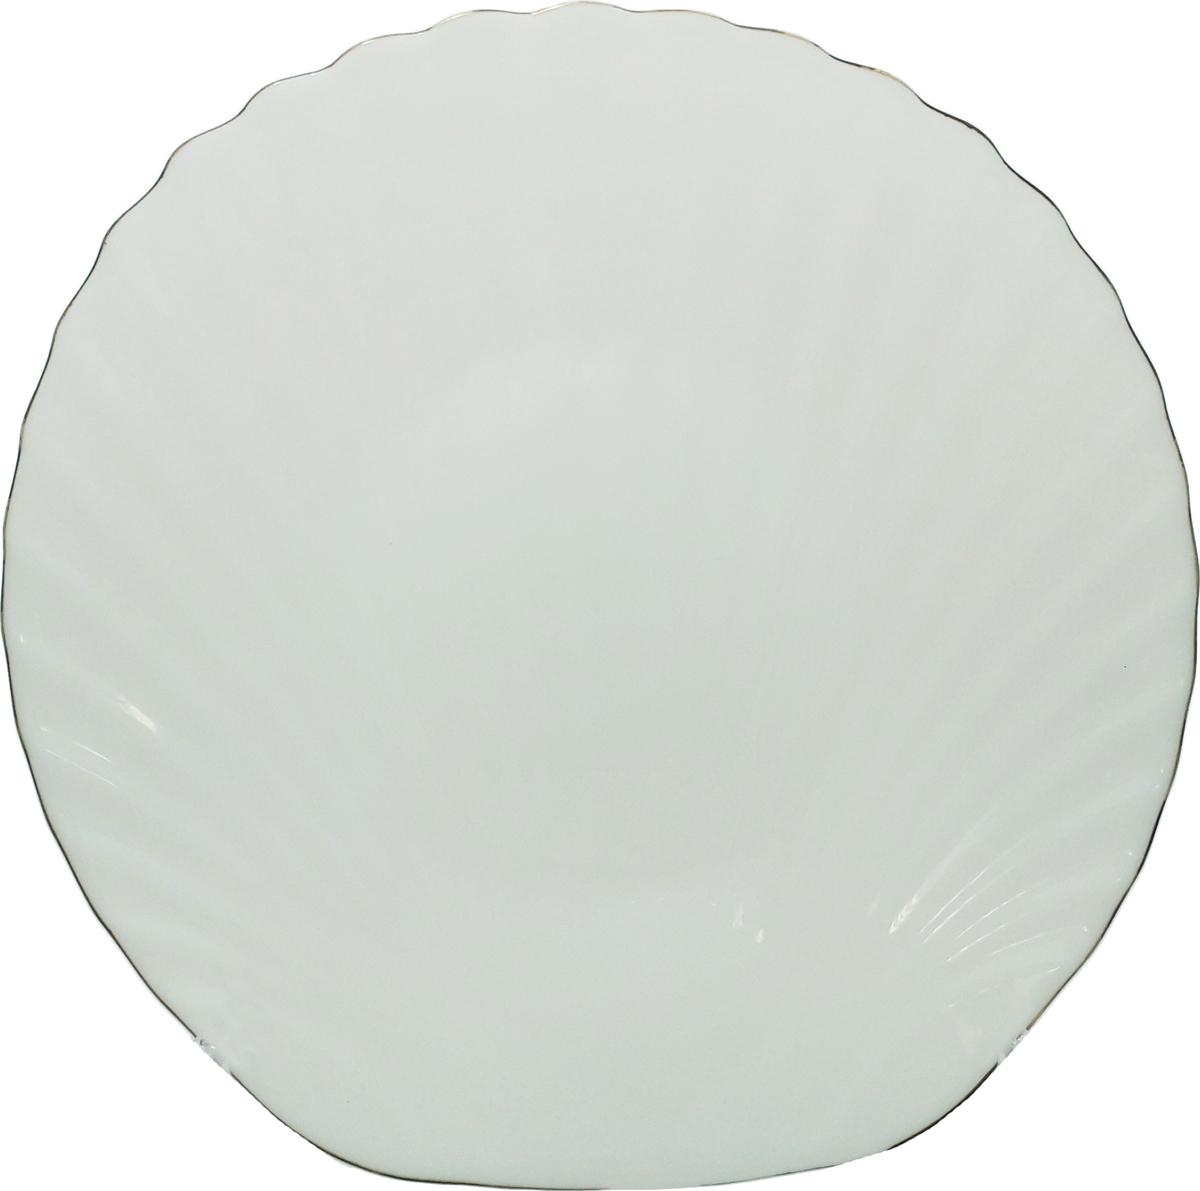 Тарелка обеденная Chinbull Грация, диаметр 27 смLBKP-105/JОригинальная тарелка из тонкой стеклокерамики выгодно подчеркнет интерьер вашей кухни. Изящный дизайн придется повкусу и ценителям классики, и тем, кто предпочитает утонченность.Тарелка Chinbull идеально подойдет для сервировкистола и станет отличным подарком к любому празднику. Не рекомендуется использовать в микроволновой печи.